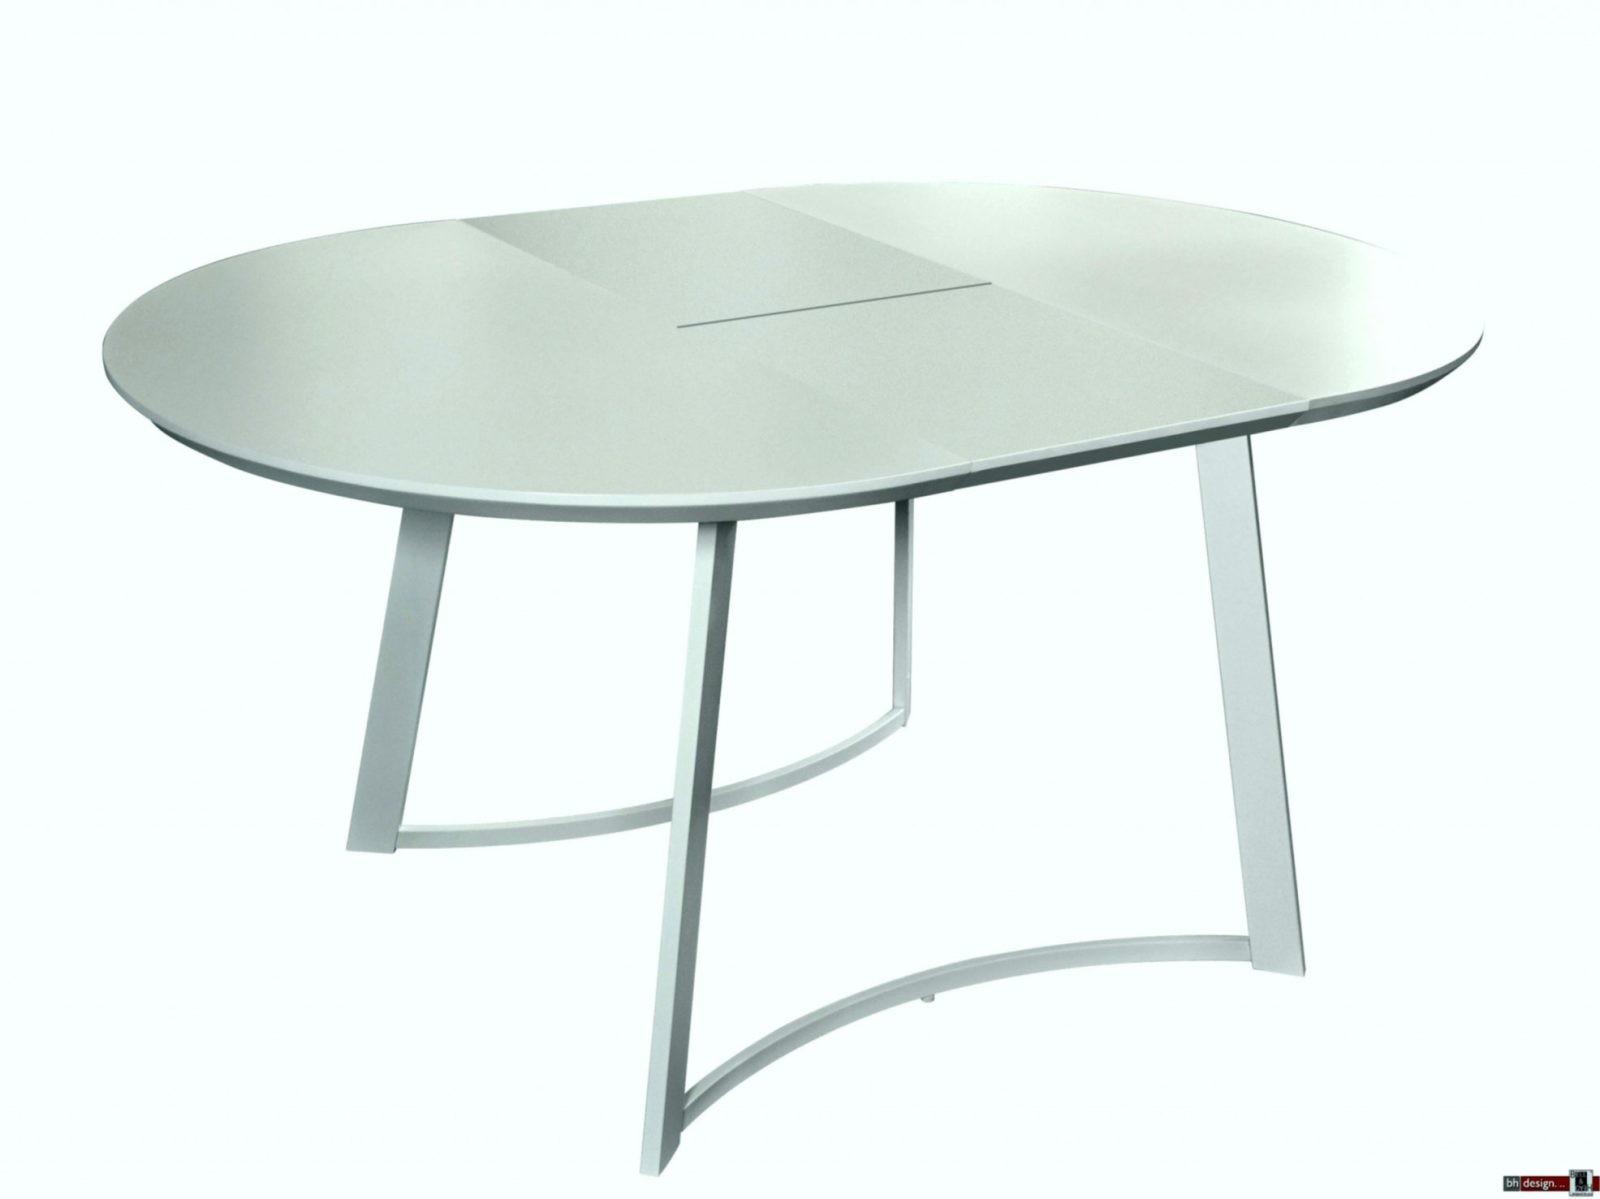 Kleiner Esstisch Zum Ausziehen – New Esstisch von Kleiner Küchentisch Zum Ausziehen Bild